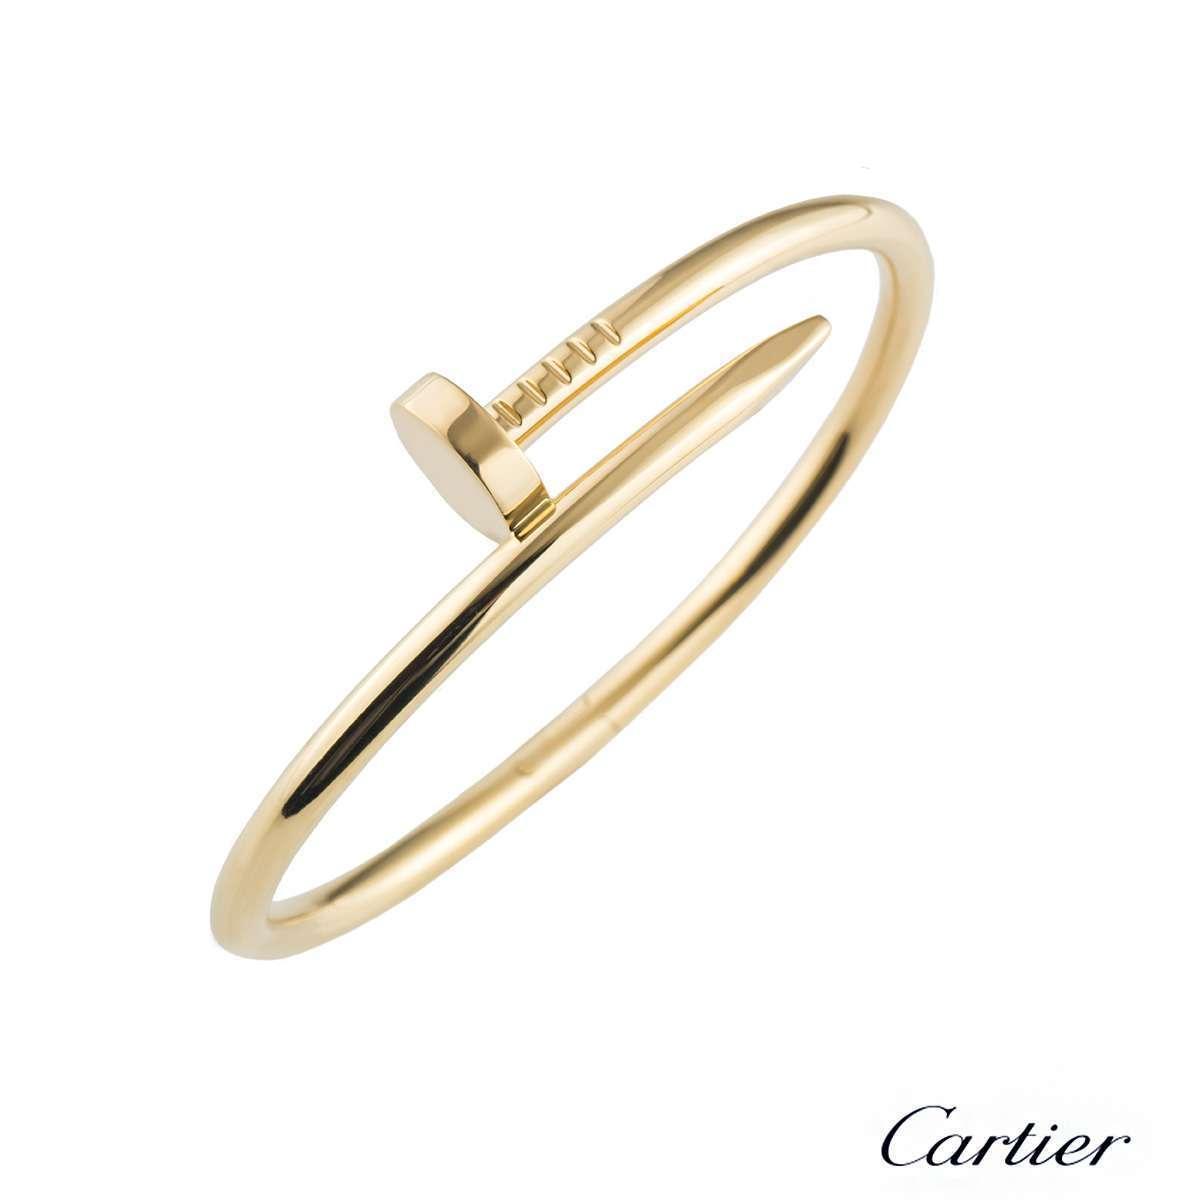 Cartier Yellow Gold Plain Juste Un Clou Bracelet Size 19 B6048219